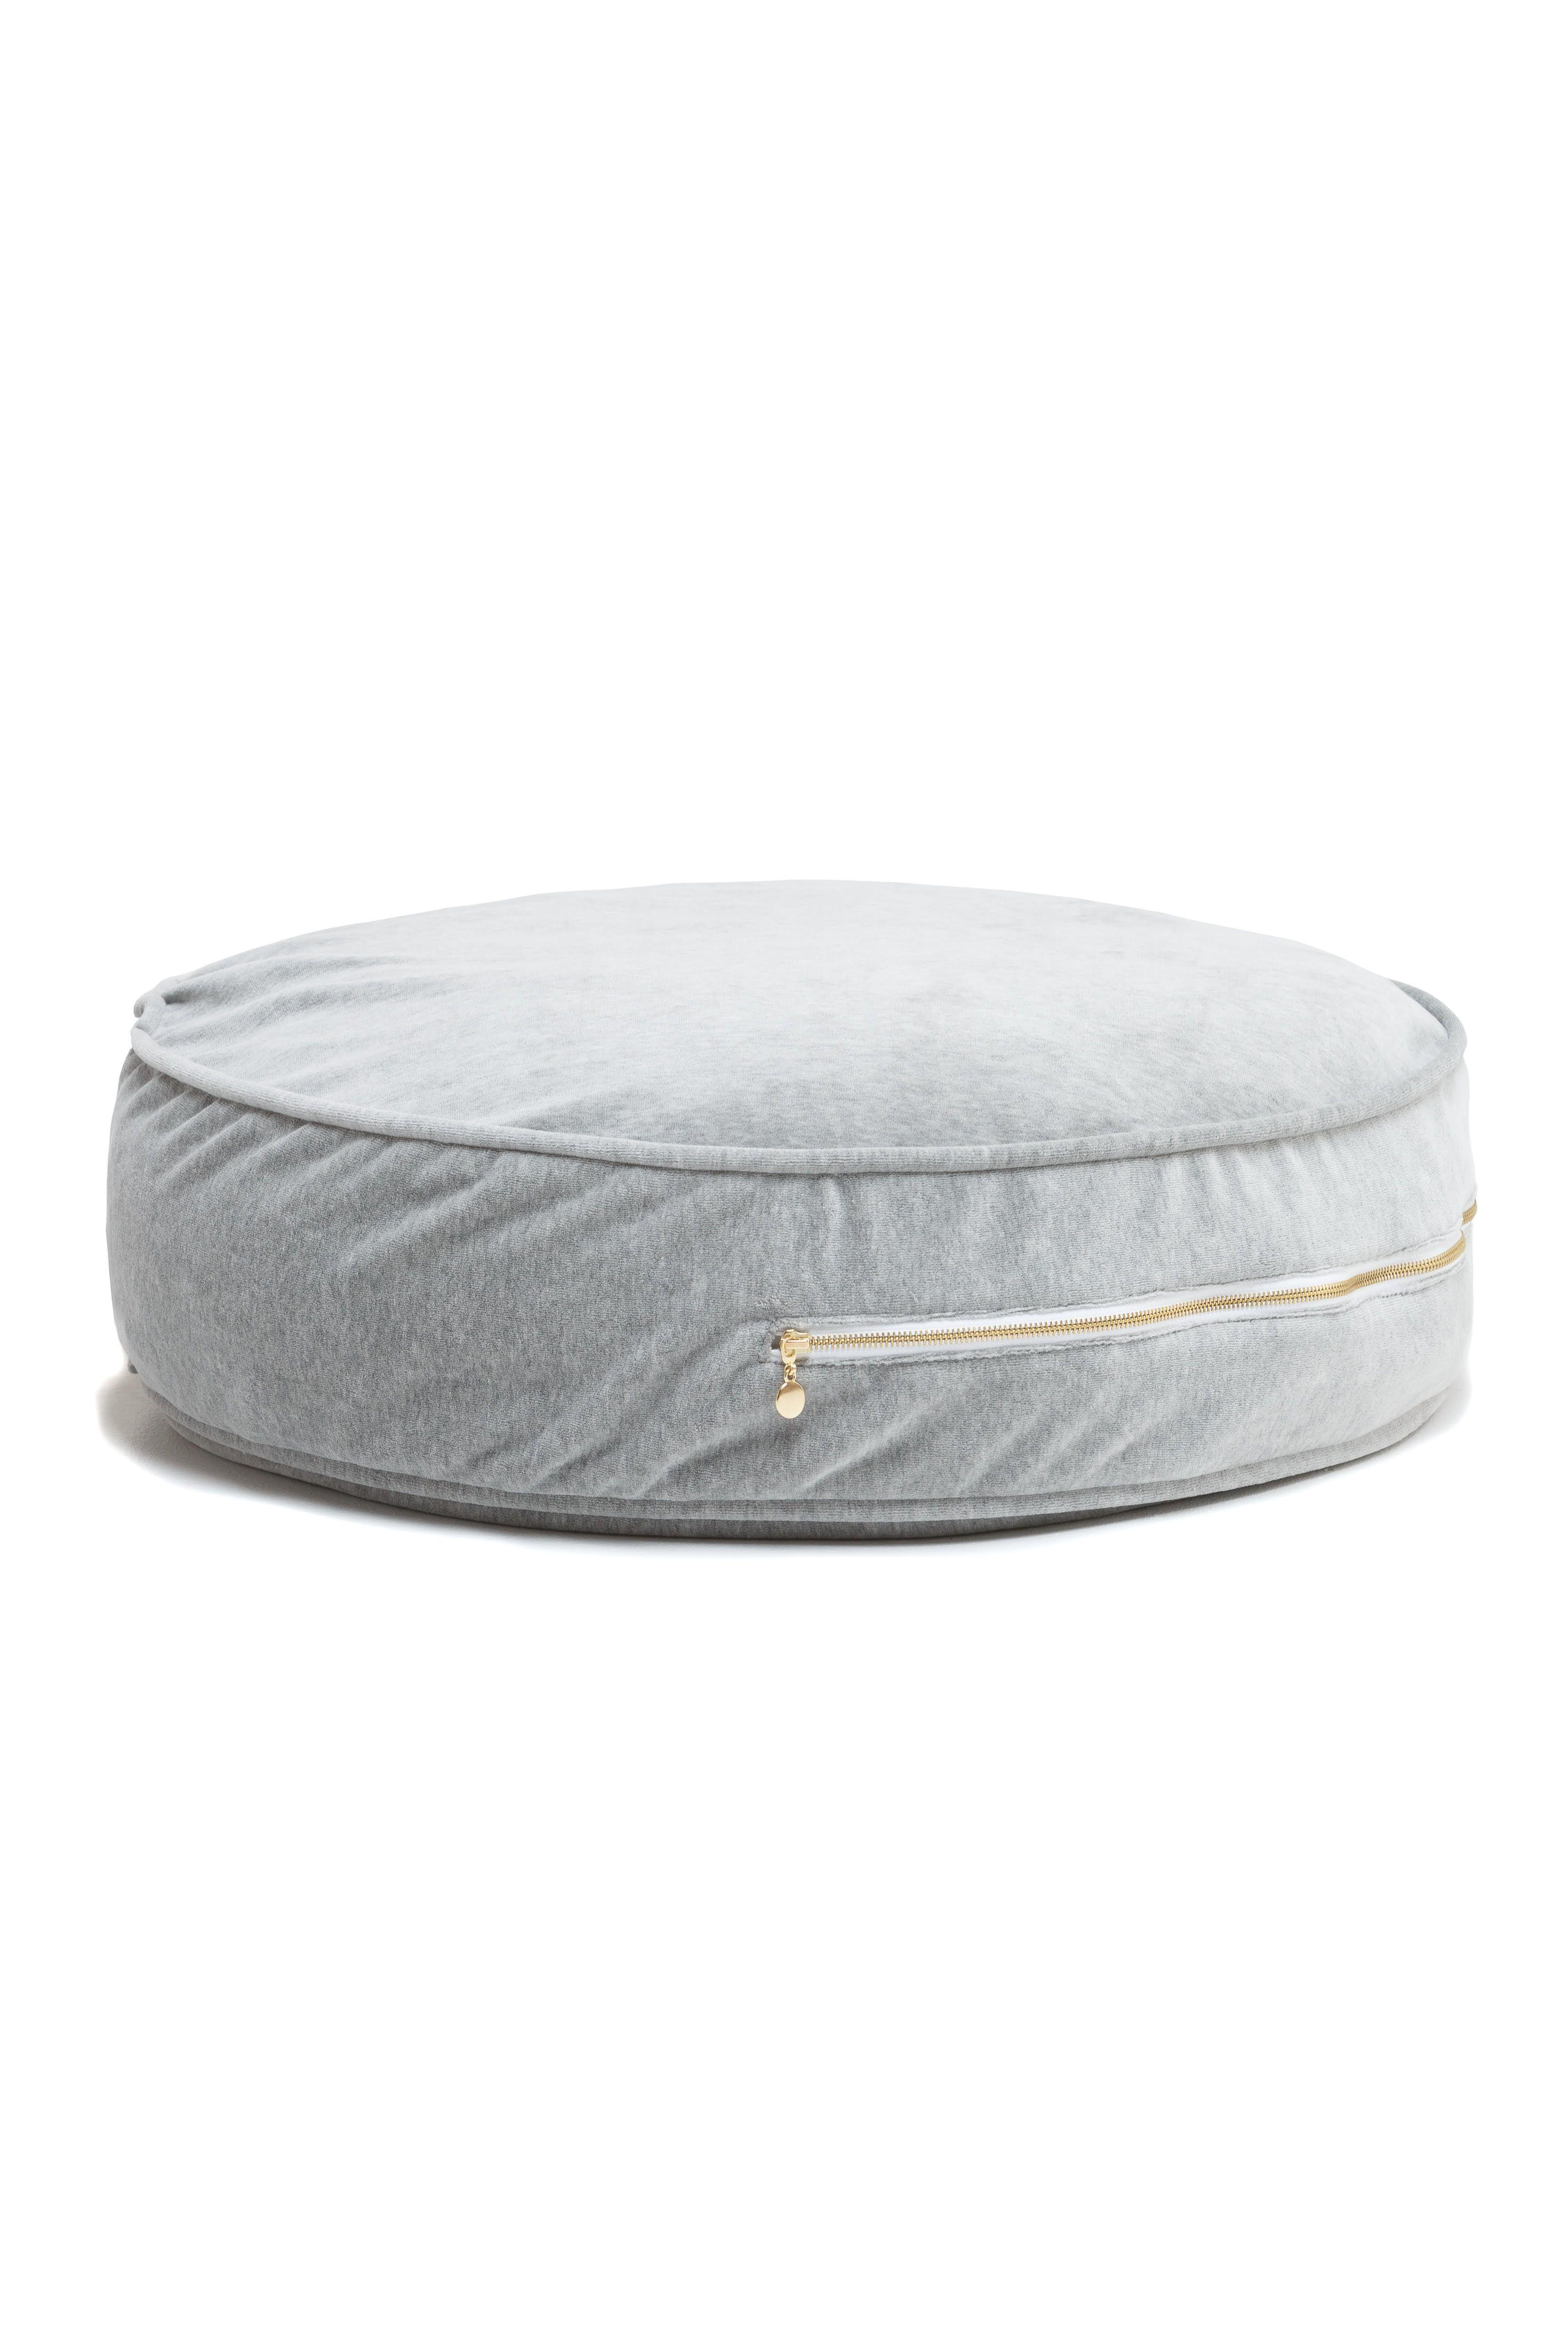 Wigiwama Luxurious Velvet Poufs Ottoman Cool Furniture Pouf